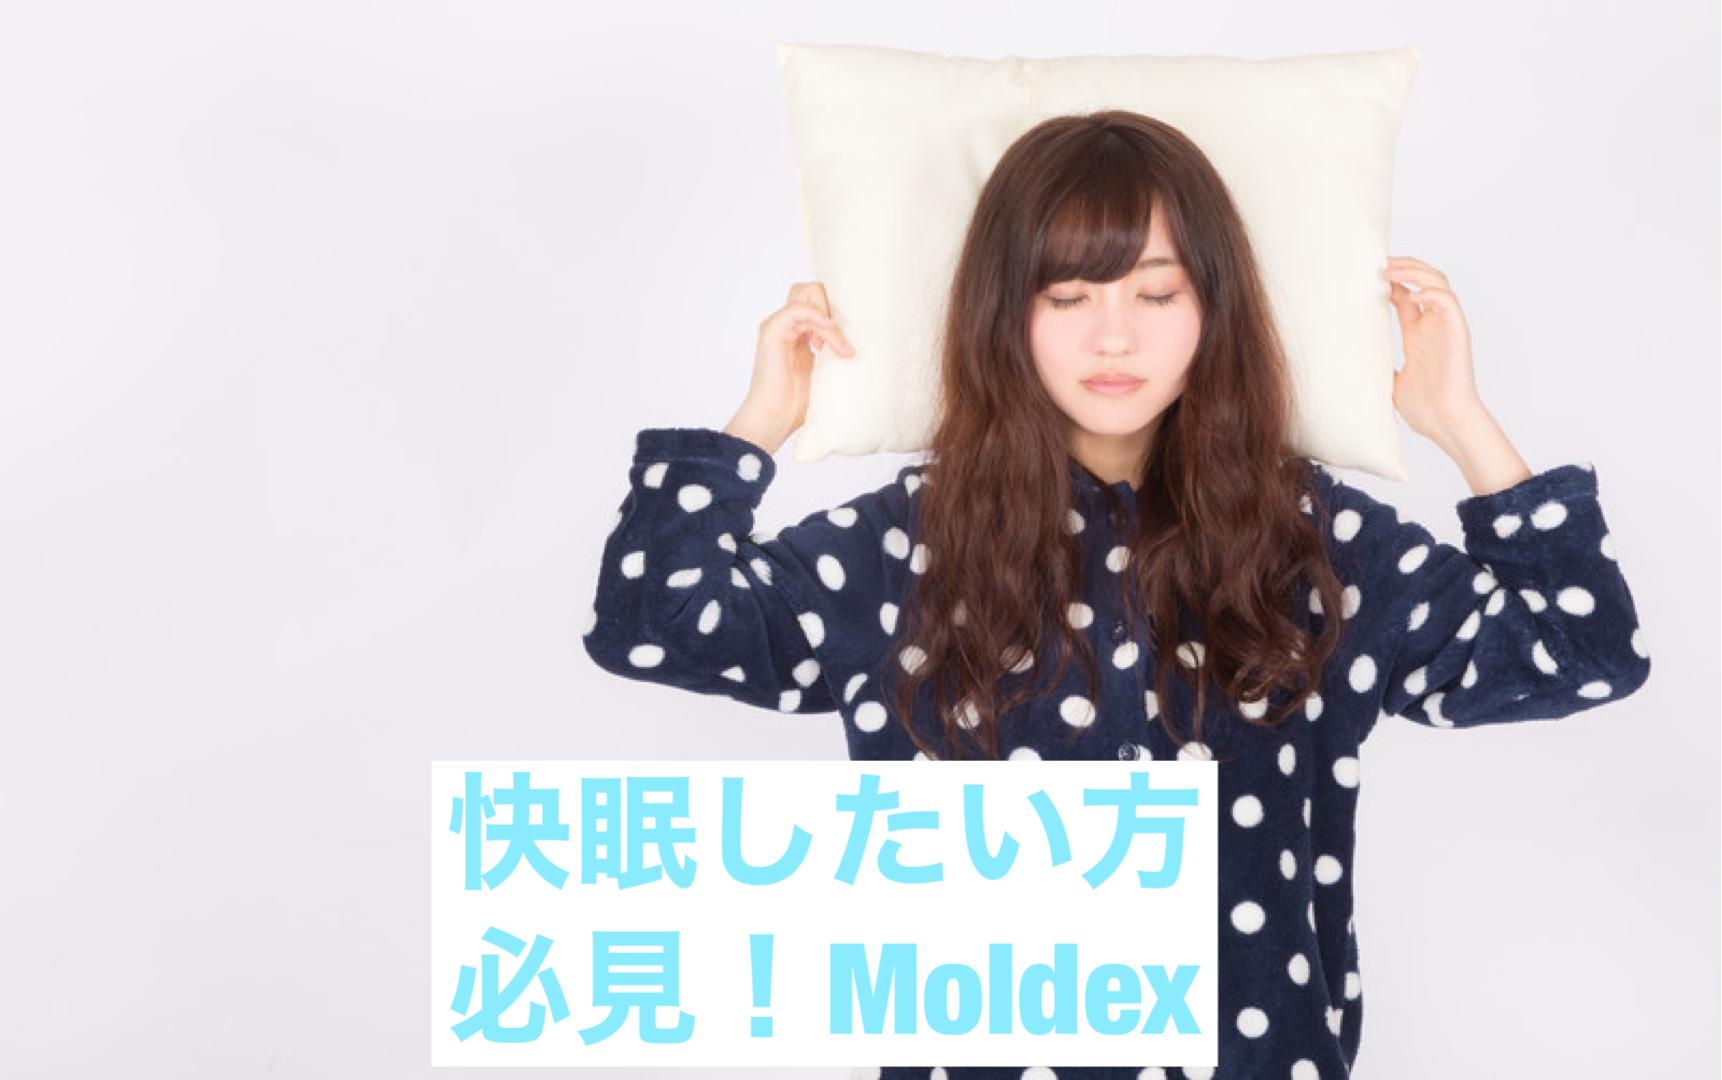 Moldexの耳栓を使ってみた口コミ・評判【騒音が聞こえなくなる】